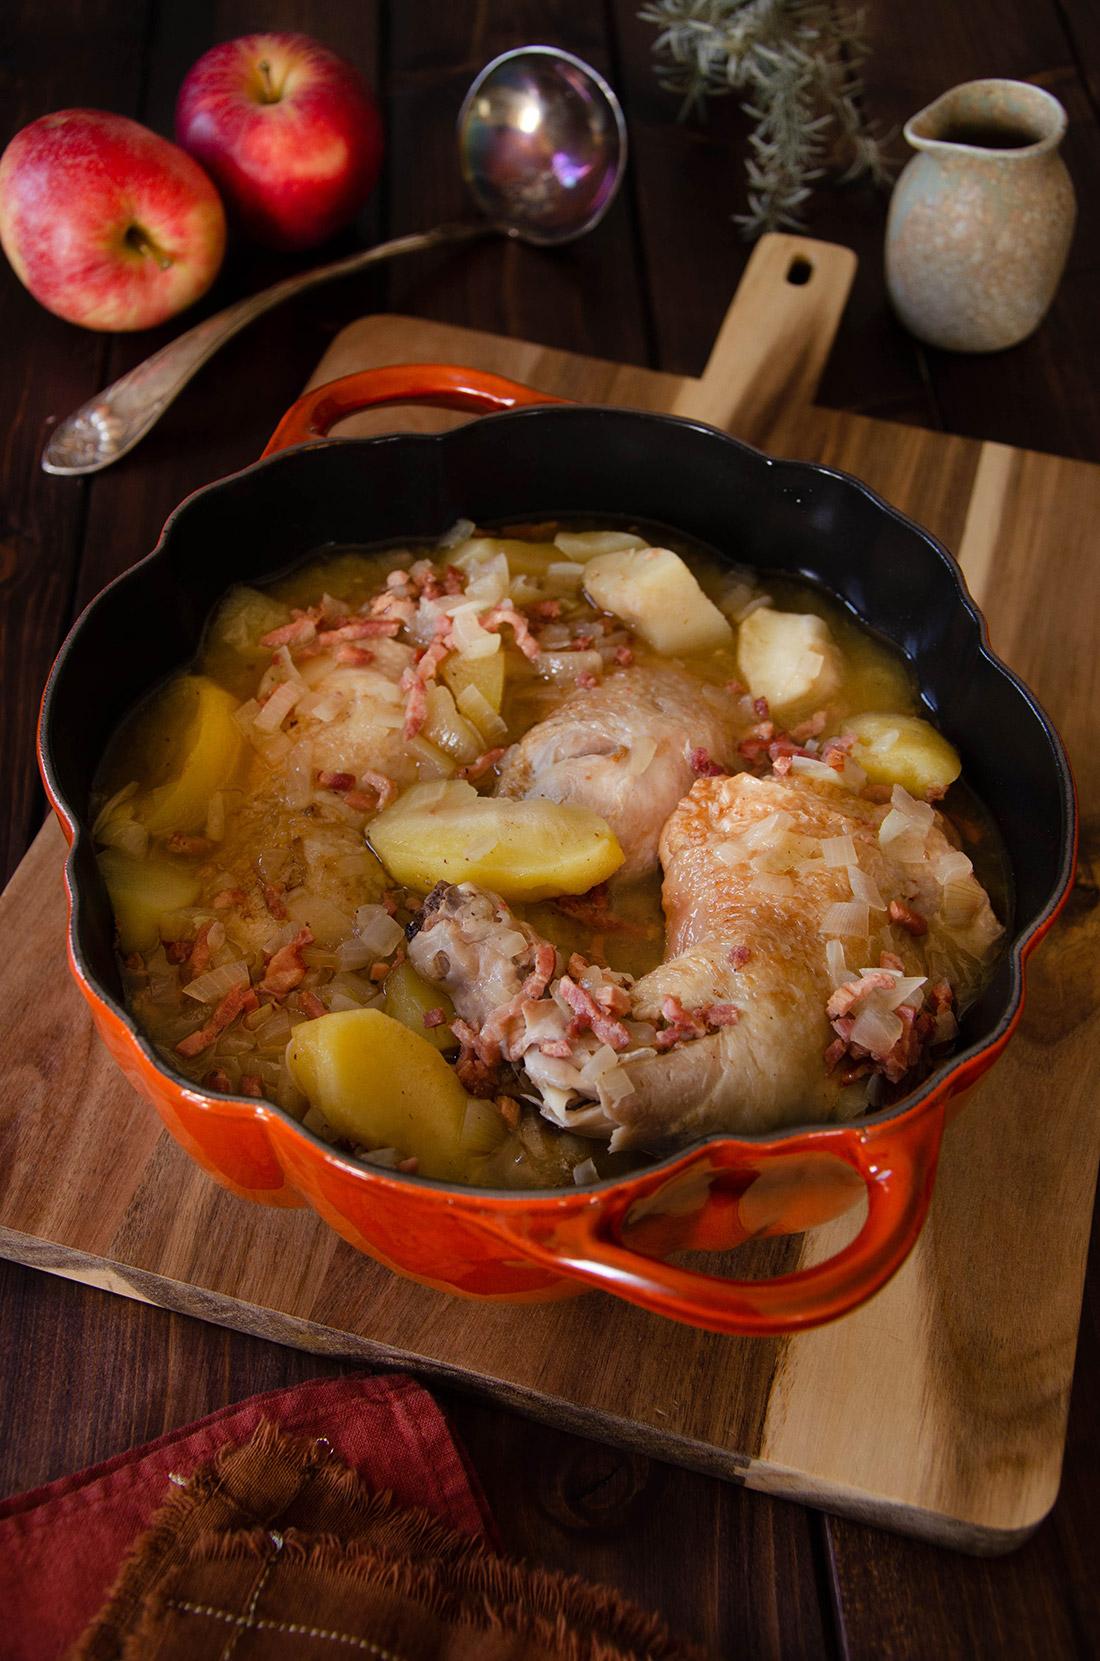 Recette de cocotte de poulet pommes et cidre, un délicieux plat maison